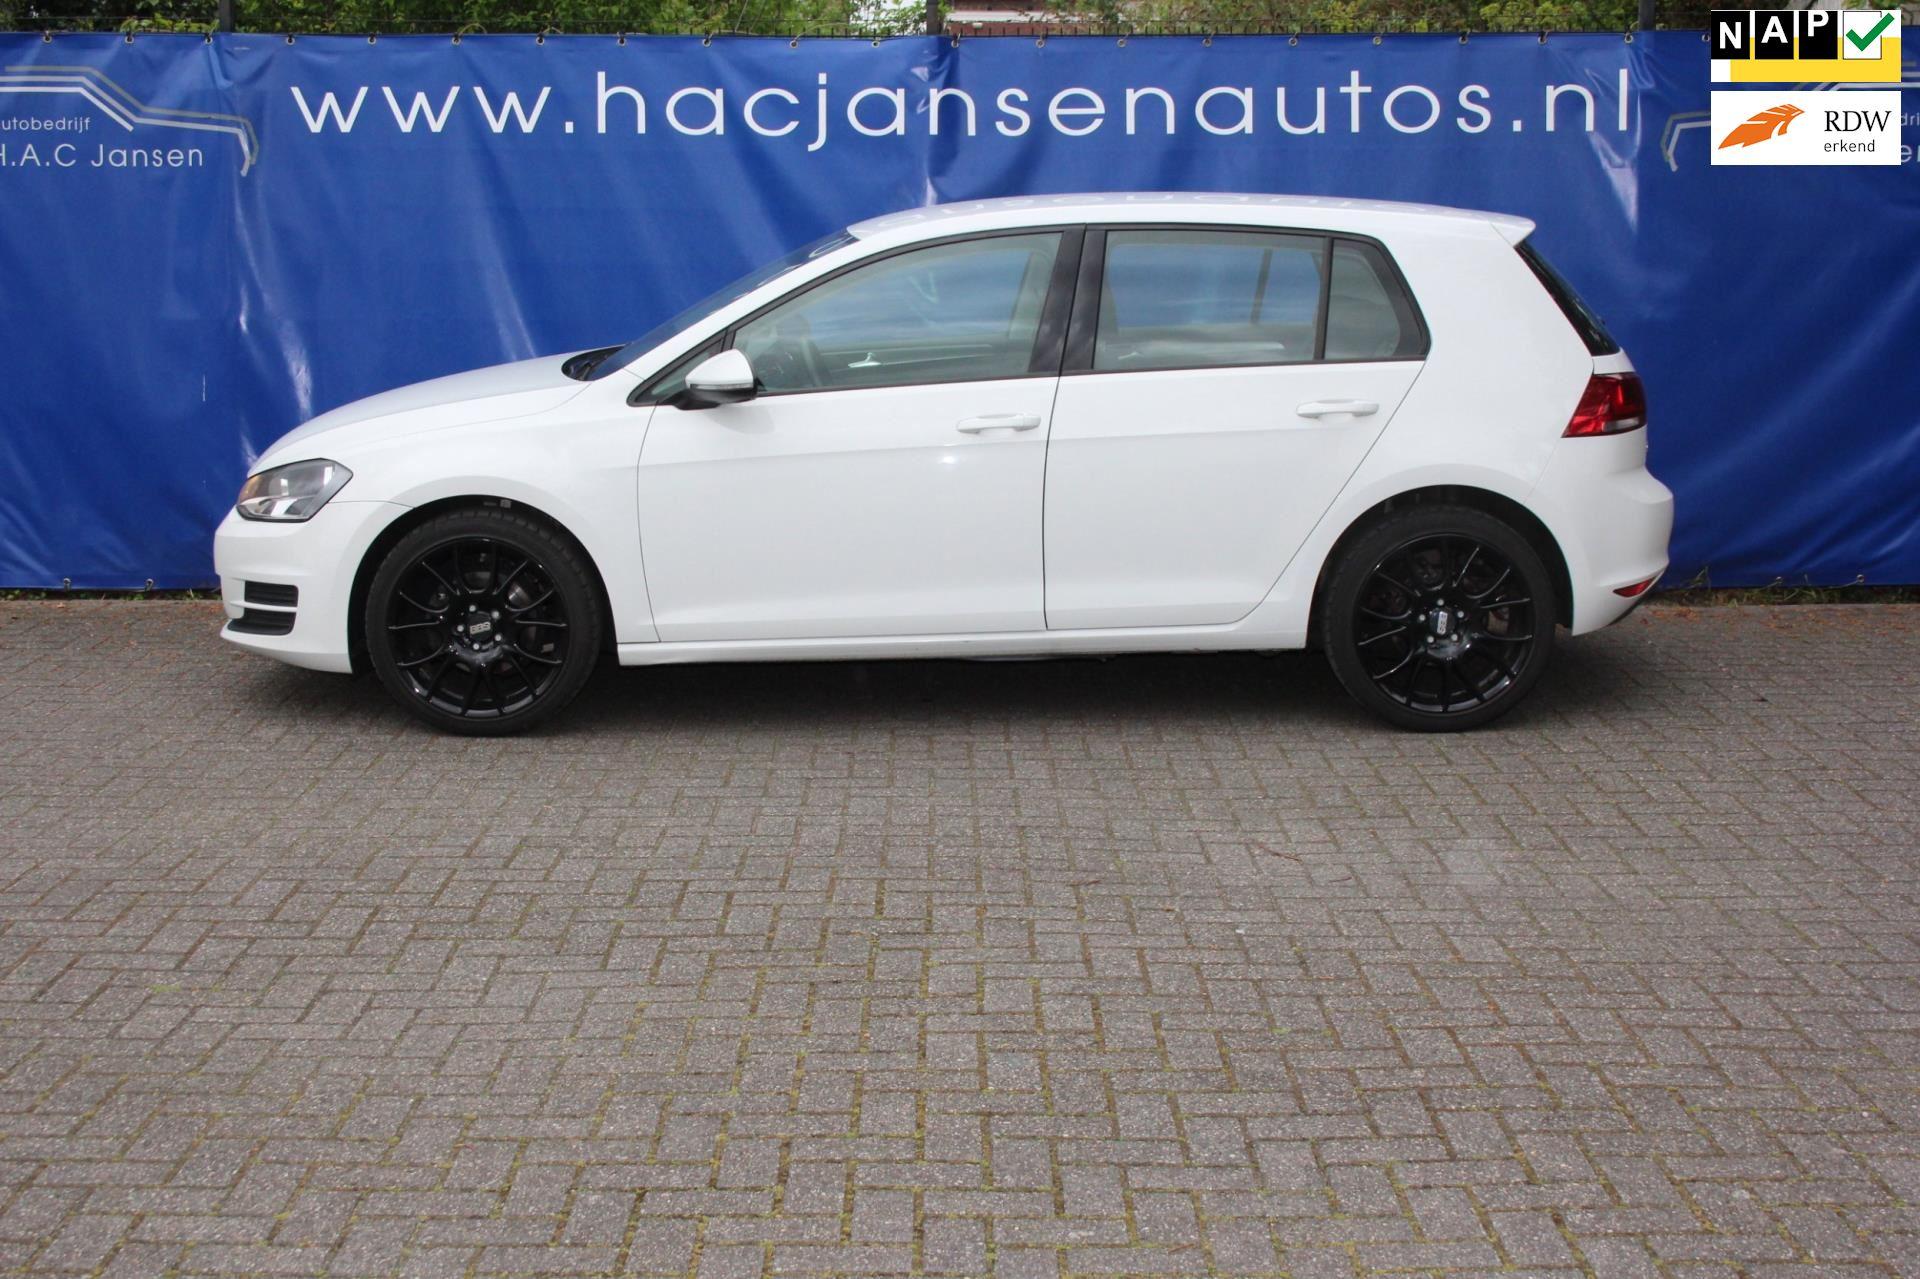 Volkswagen Golf occasion - Autobedr. VOF HAC Jansen